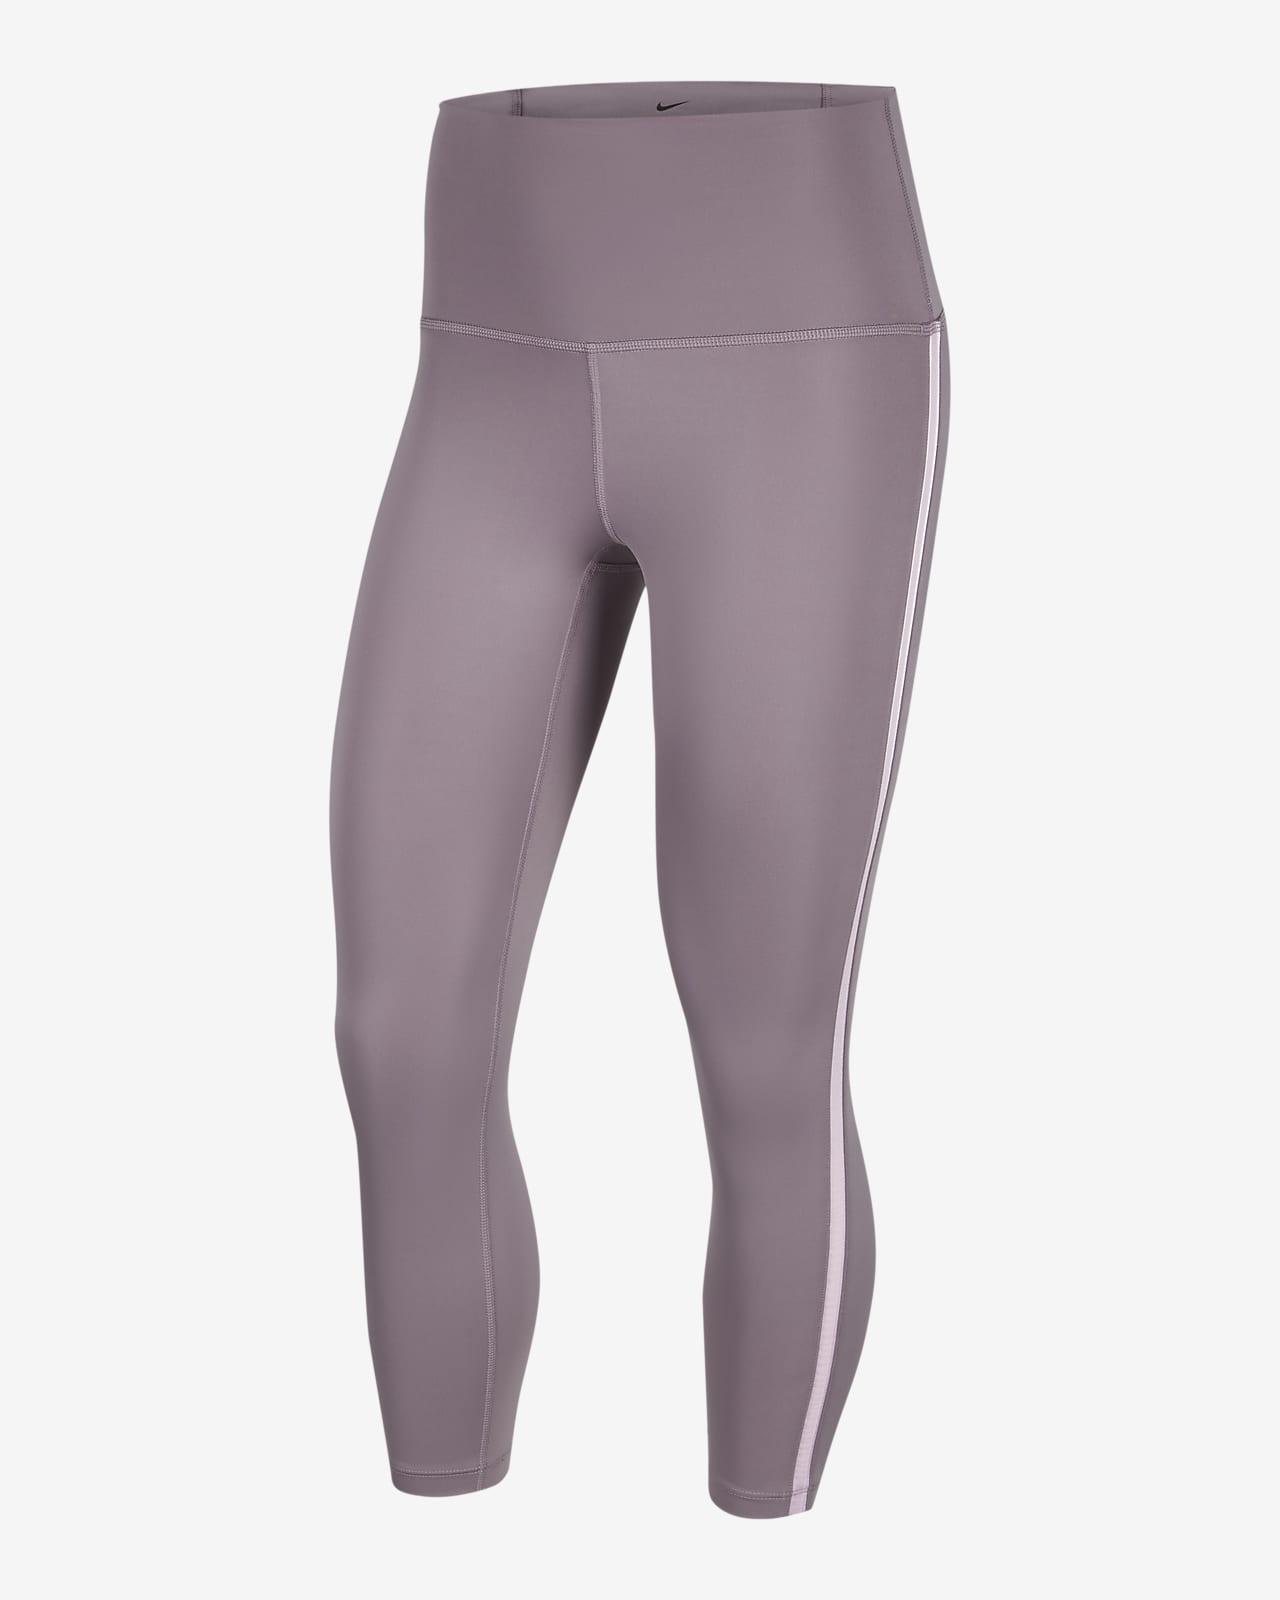 เลกกิ้ง Novelty เอวสูง 7/8 ส่วนผู้หญิง Nike Yoga